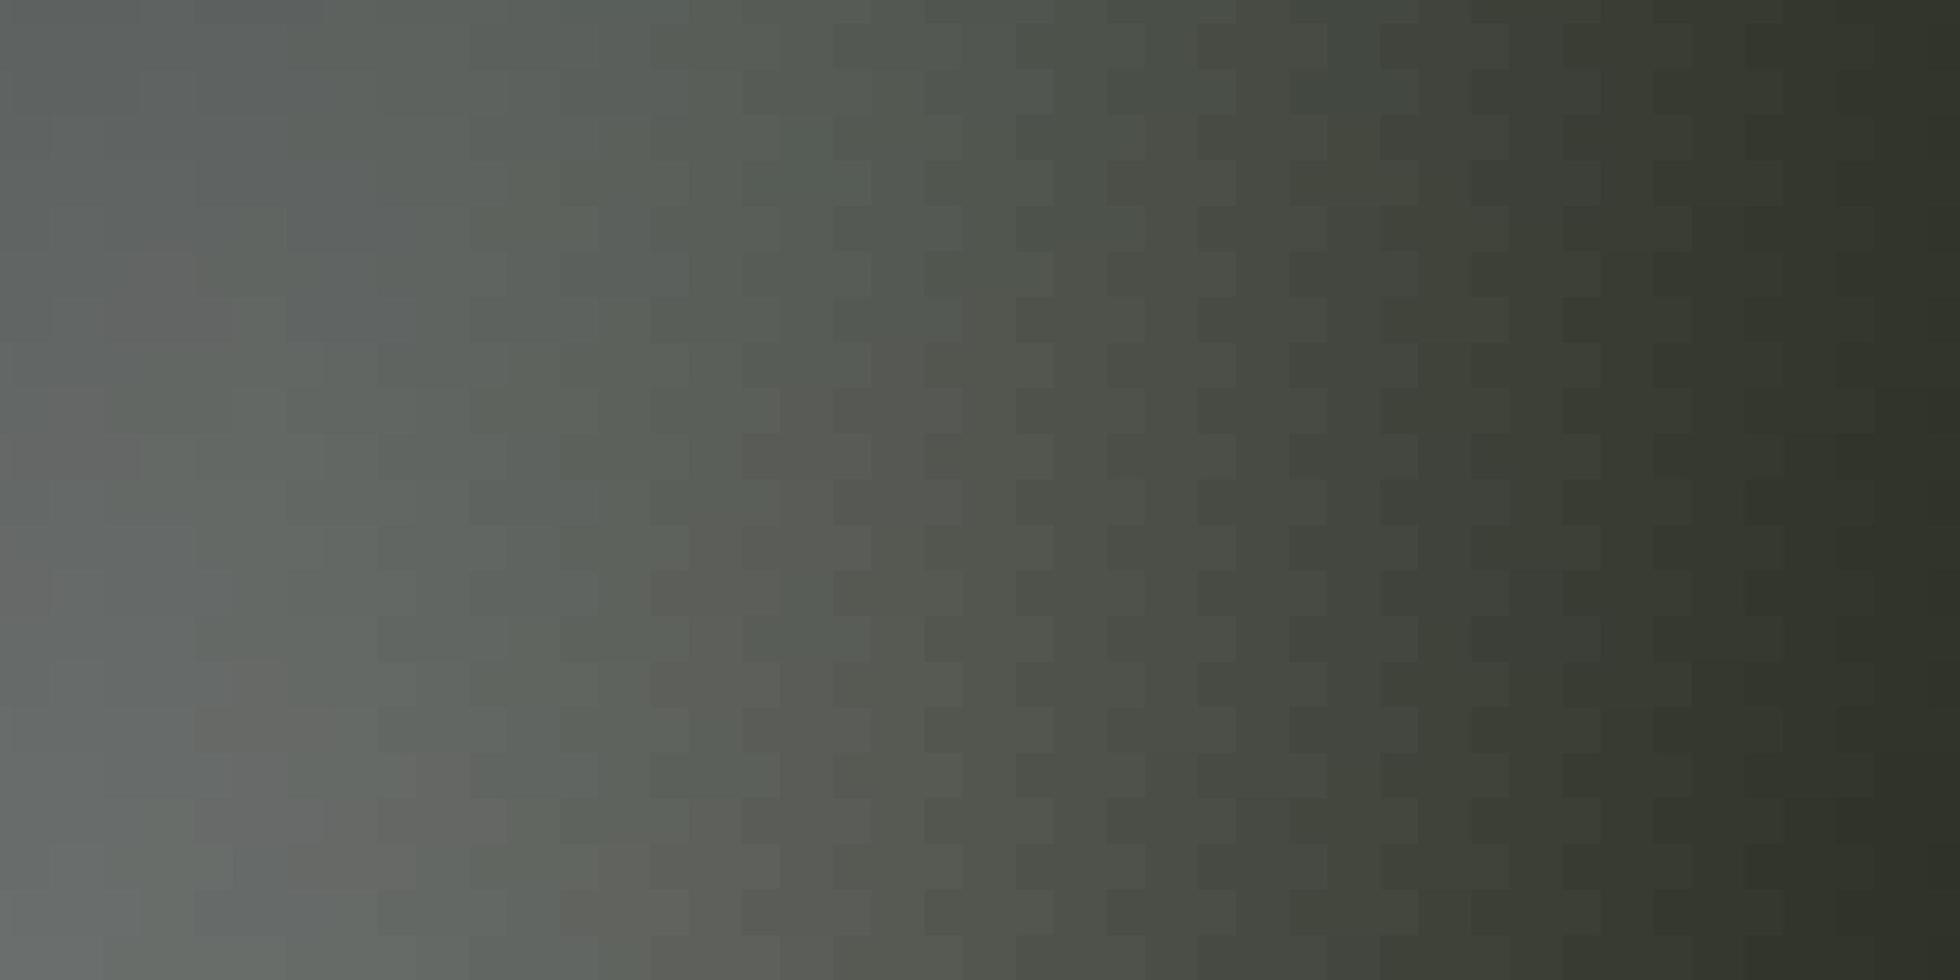 patrón gris claro en estilo cuadrado. vector